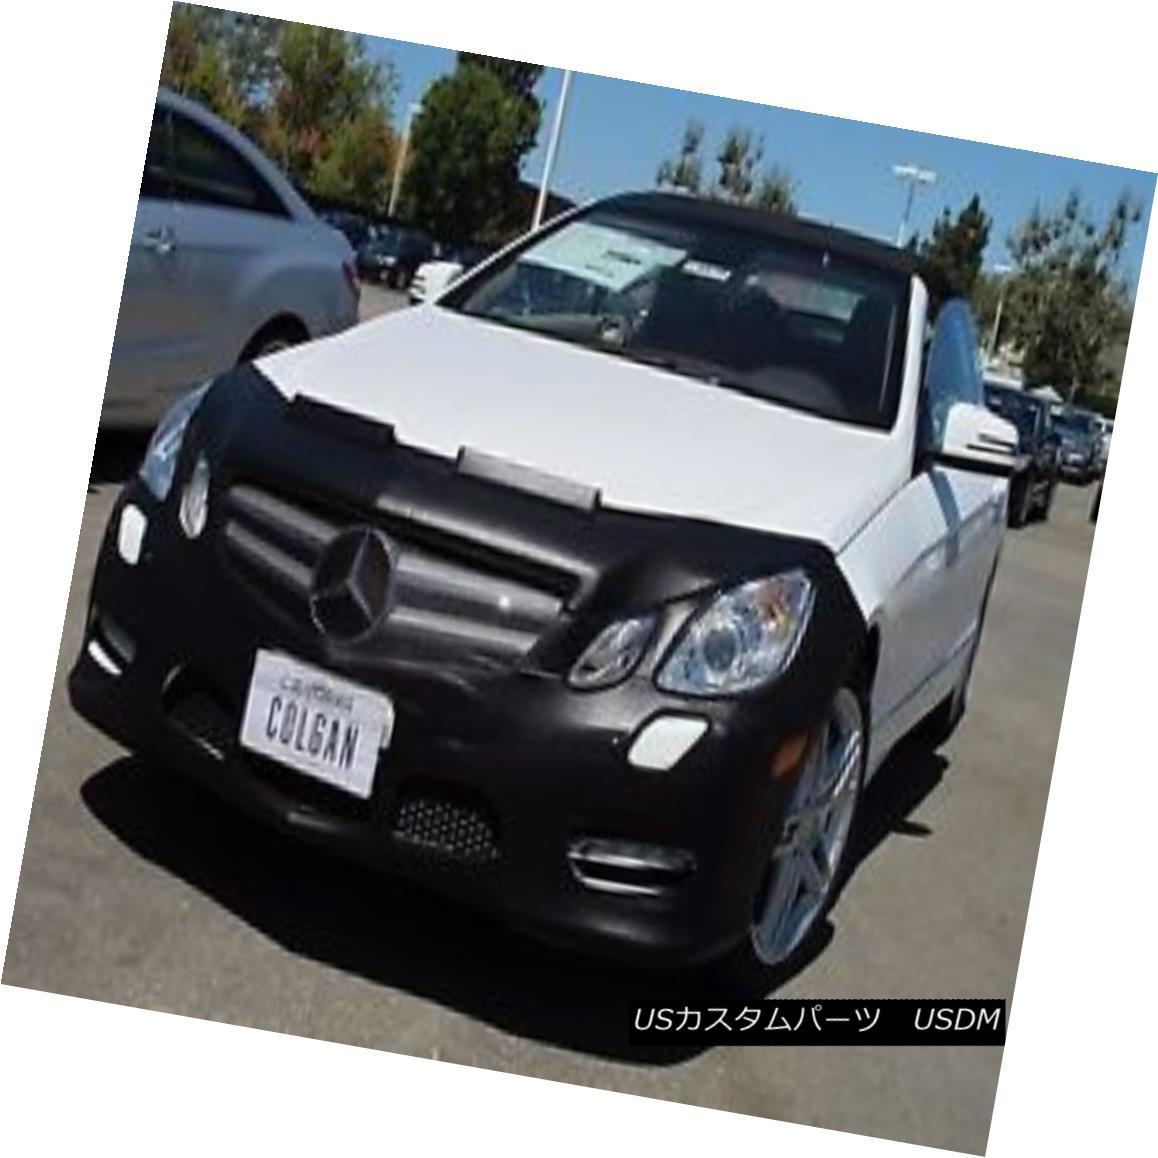 フルブラ ノーズブラ Colgan Front End Mask Bra 2pc. Fits Mercedes-Benz E63 W/License Plate 2007-2009 コルガンフロントエンドマスクブラ2pc メルセデスベンツE63 W /ナンバープレート2007-2009に適合